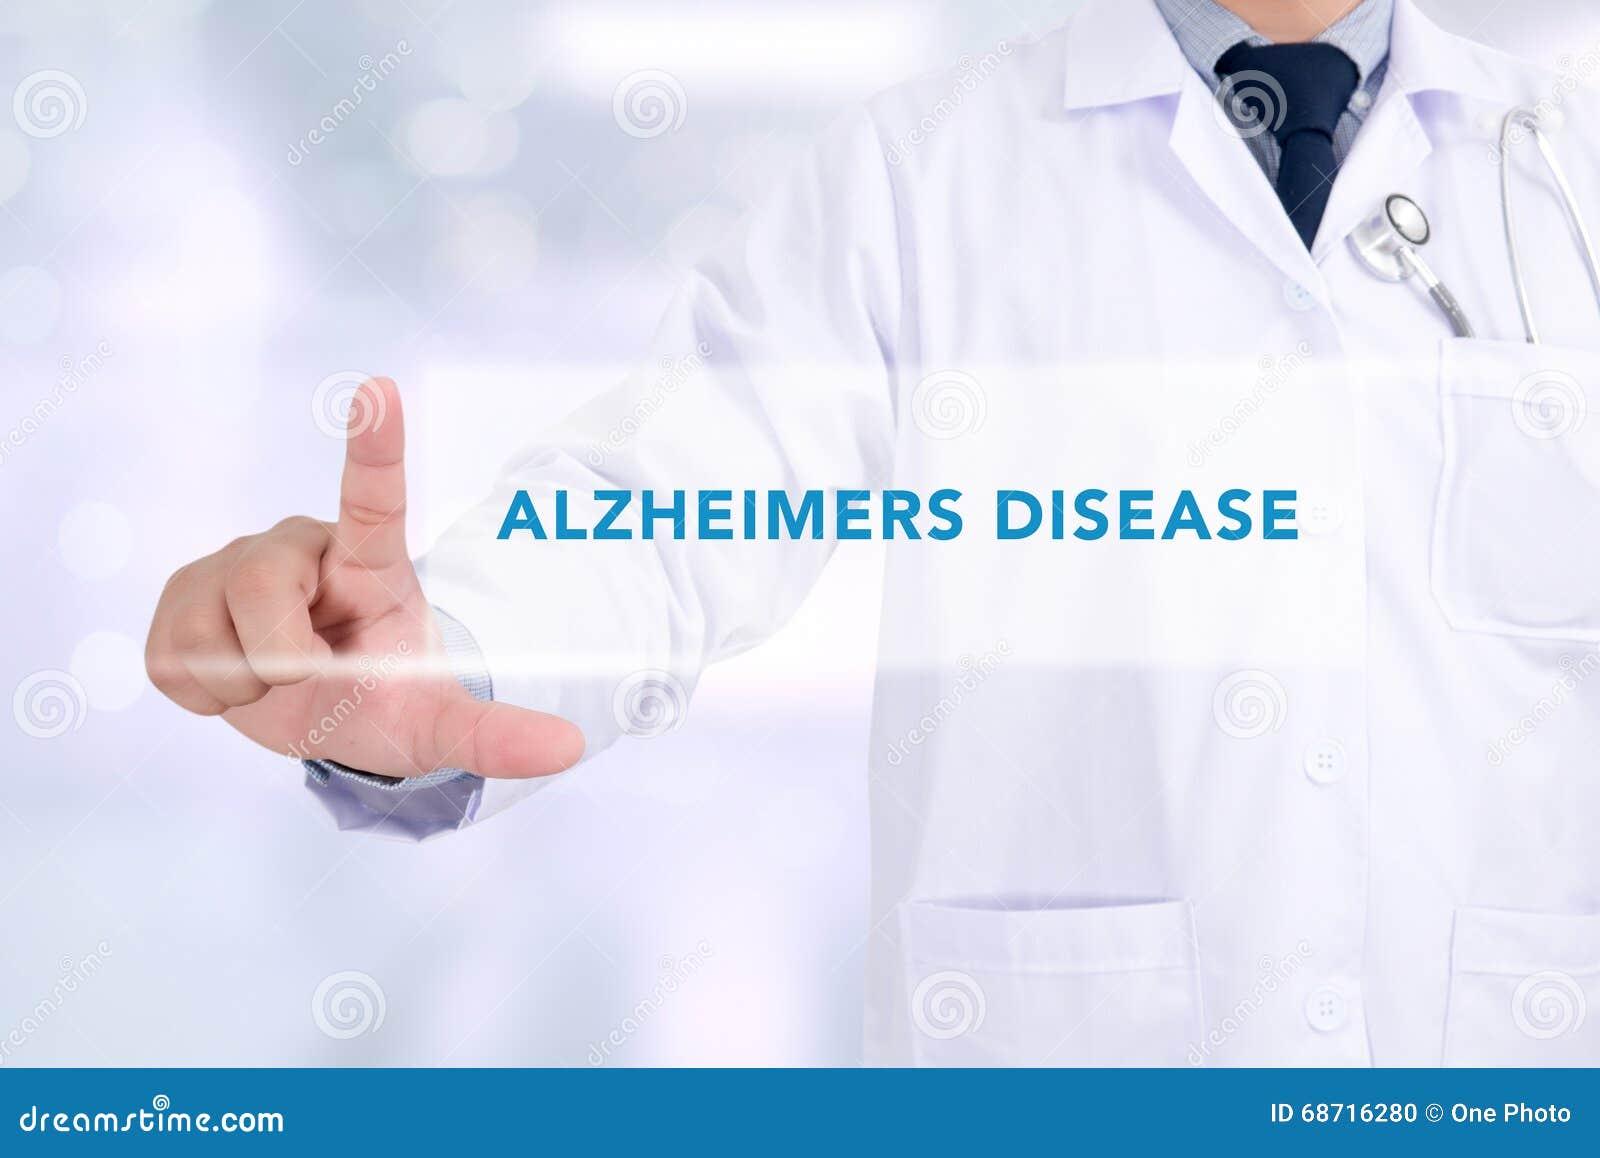 Alzheimers-Krankheitskonzept